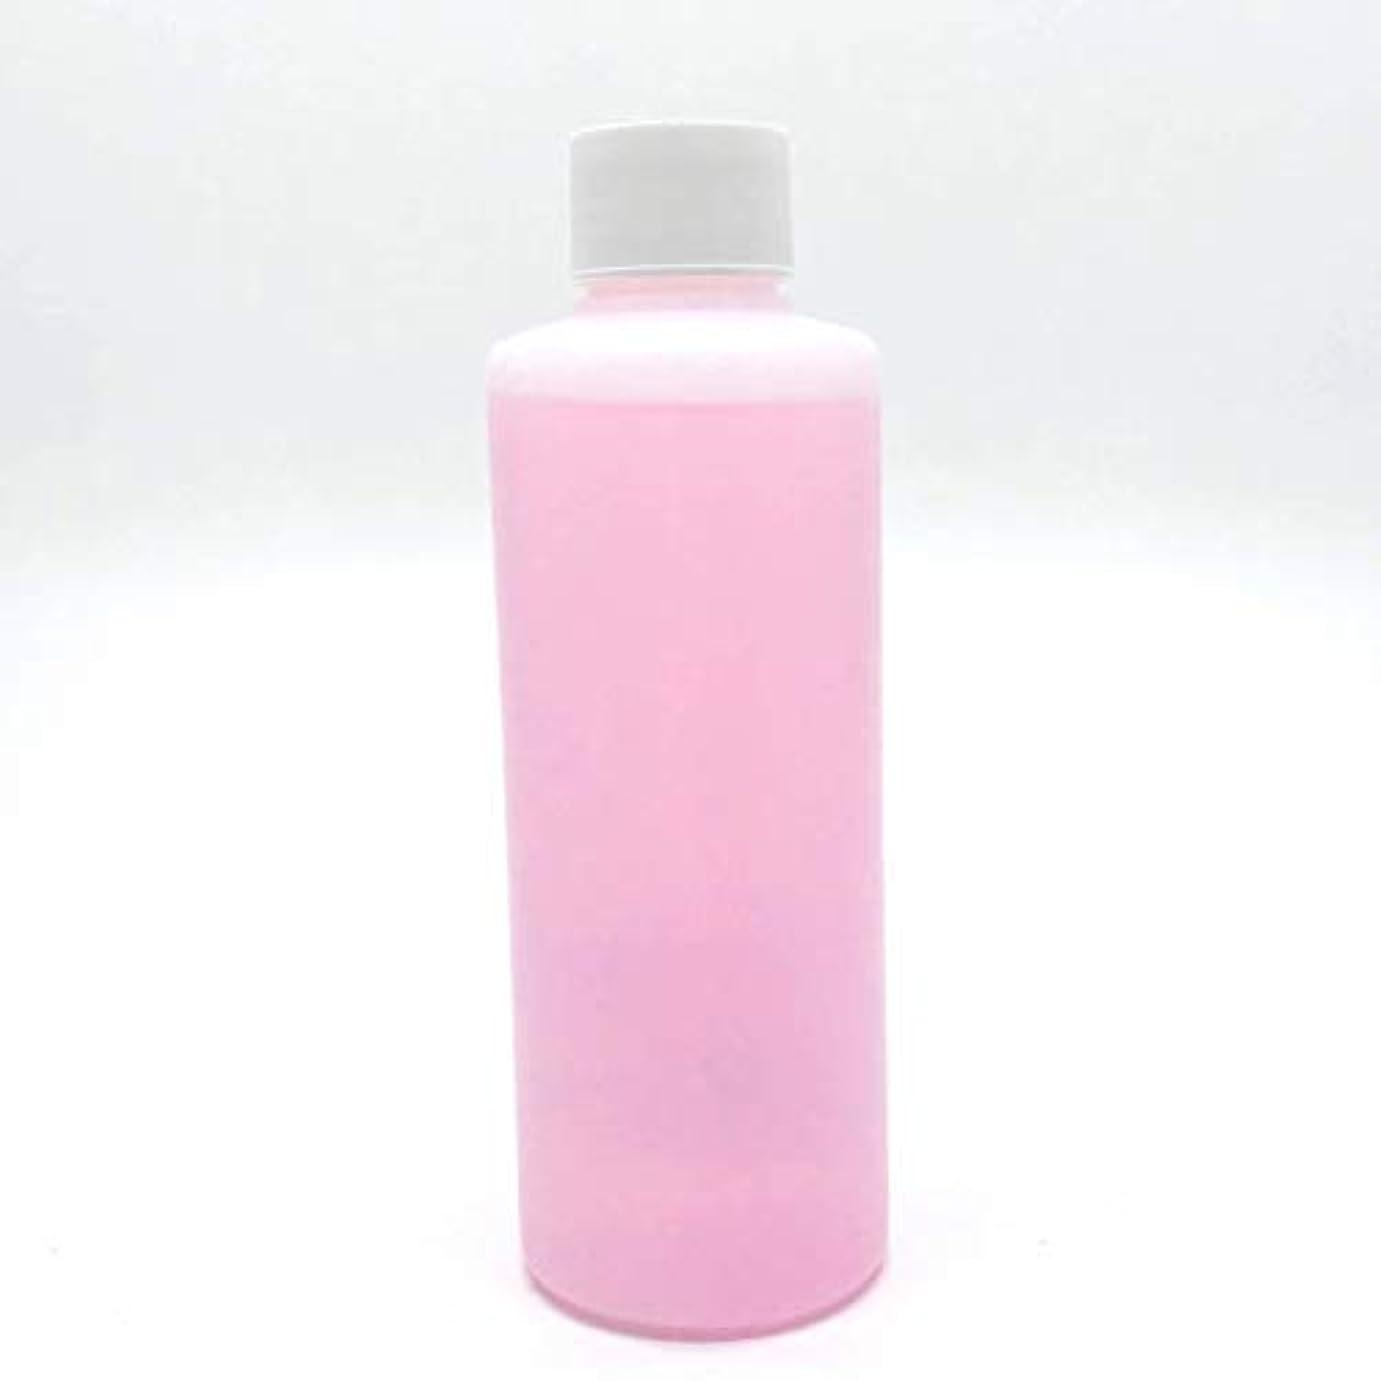 慢性的野望賢い日本製 ジェルネイル オフ リムーバー 200ml 化粧品届済み (1個)